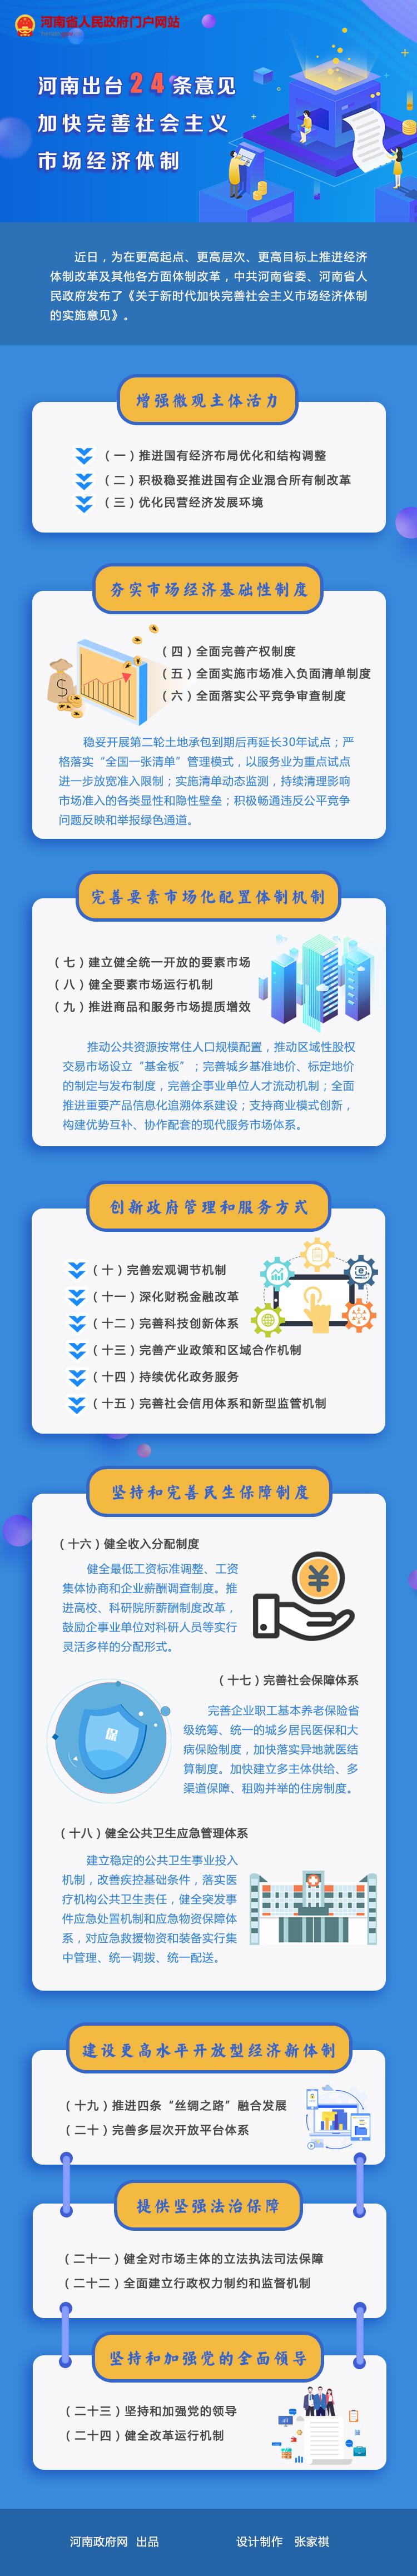 图解:河南出台24条意见加快完善社会主义市场经济体制